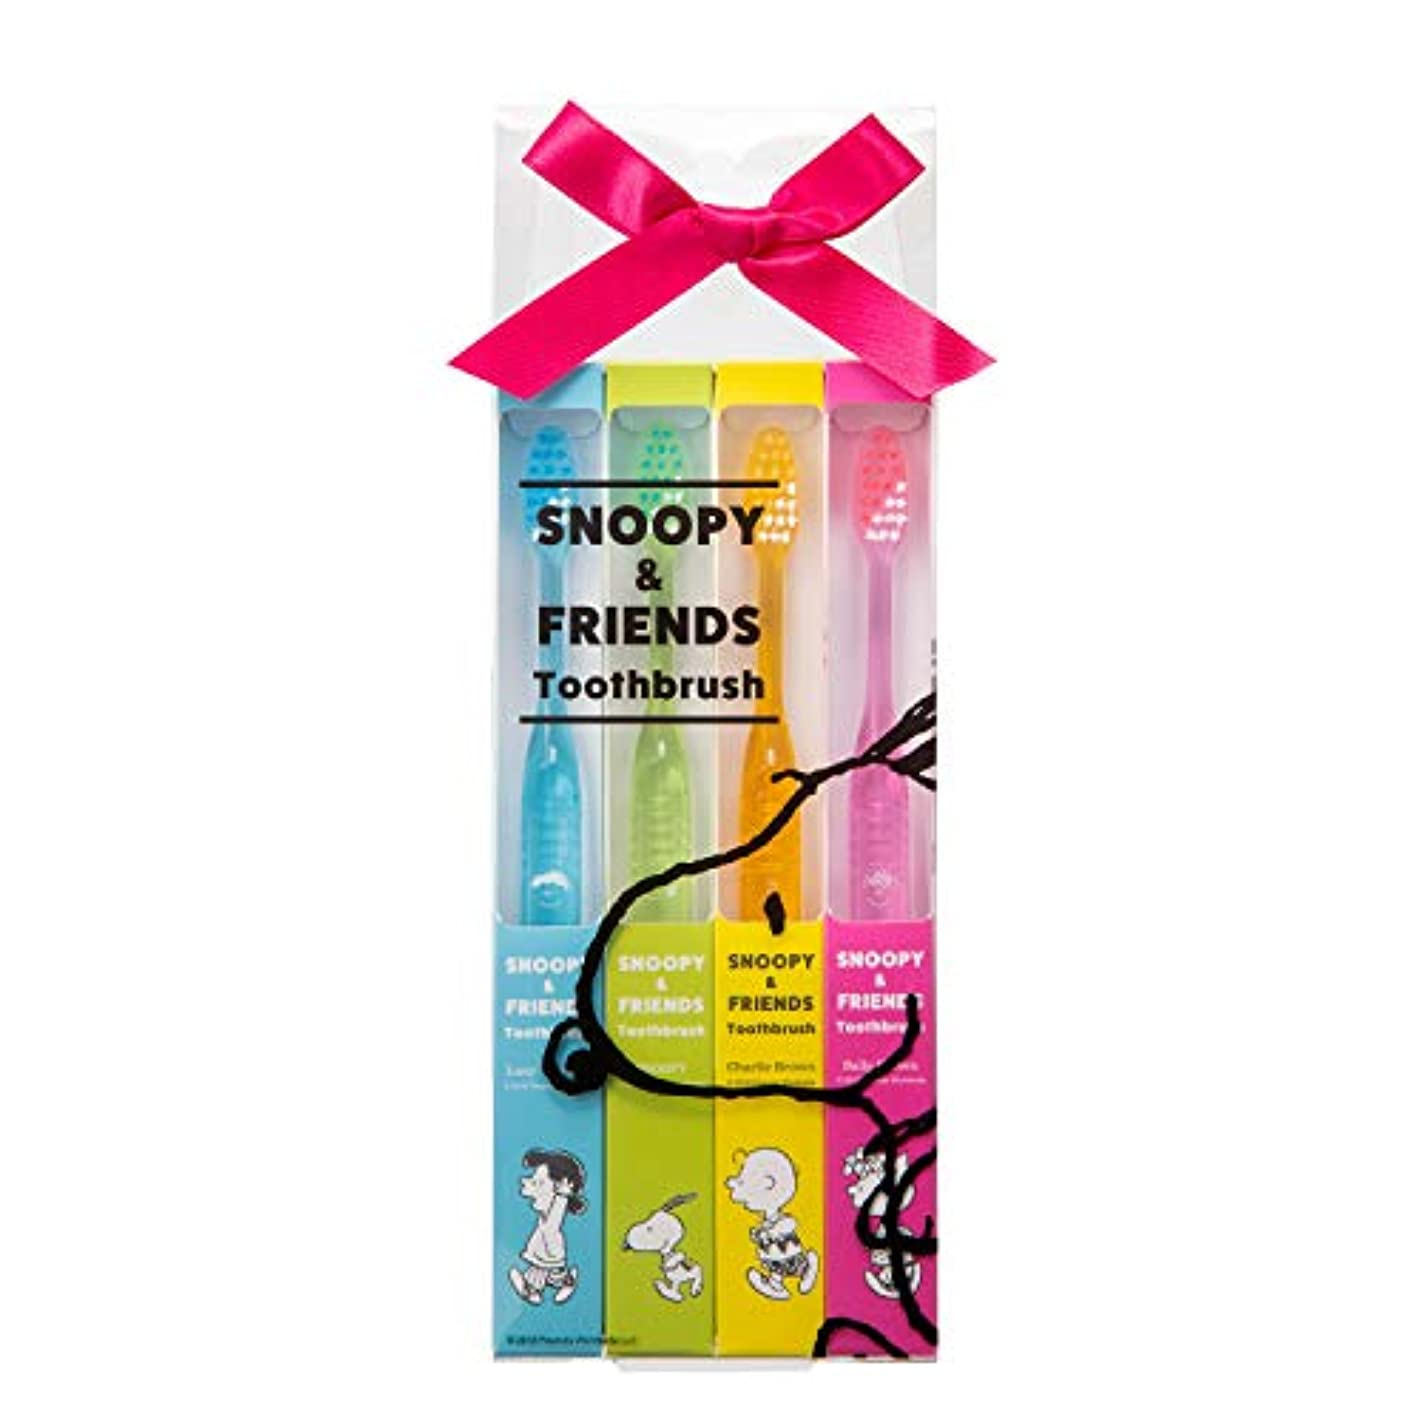 音楽家のコンクリートファイン スヌーピー&フレンズ歯ブラシ ギフトボックス(4本入り)